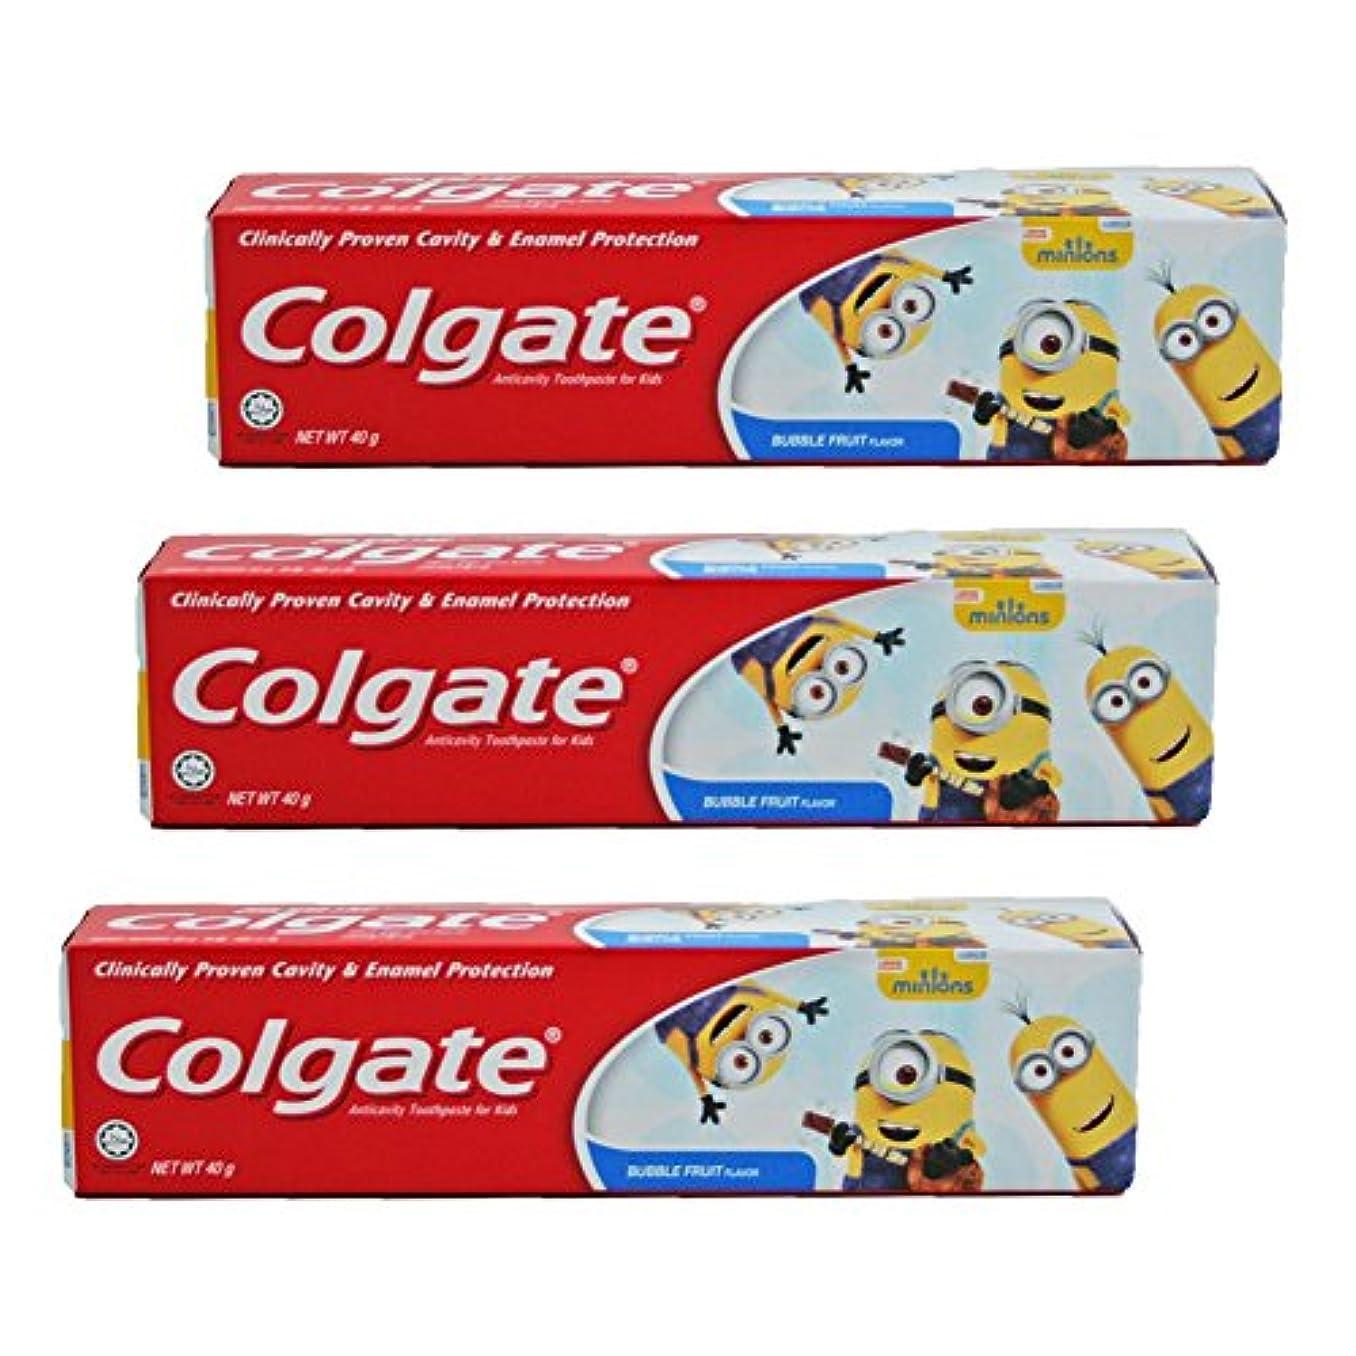 乳白スズメバチ本物のコルゲート Colgate 子供用 Kids-BUBBLE FRUIT FLAVOR (ミニオン, 40g) 3個セット [並行輸入品]